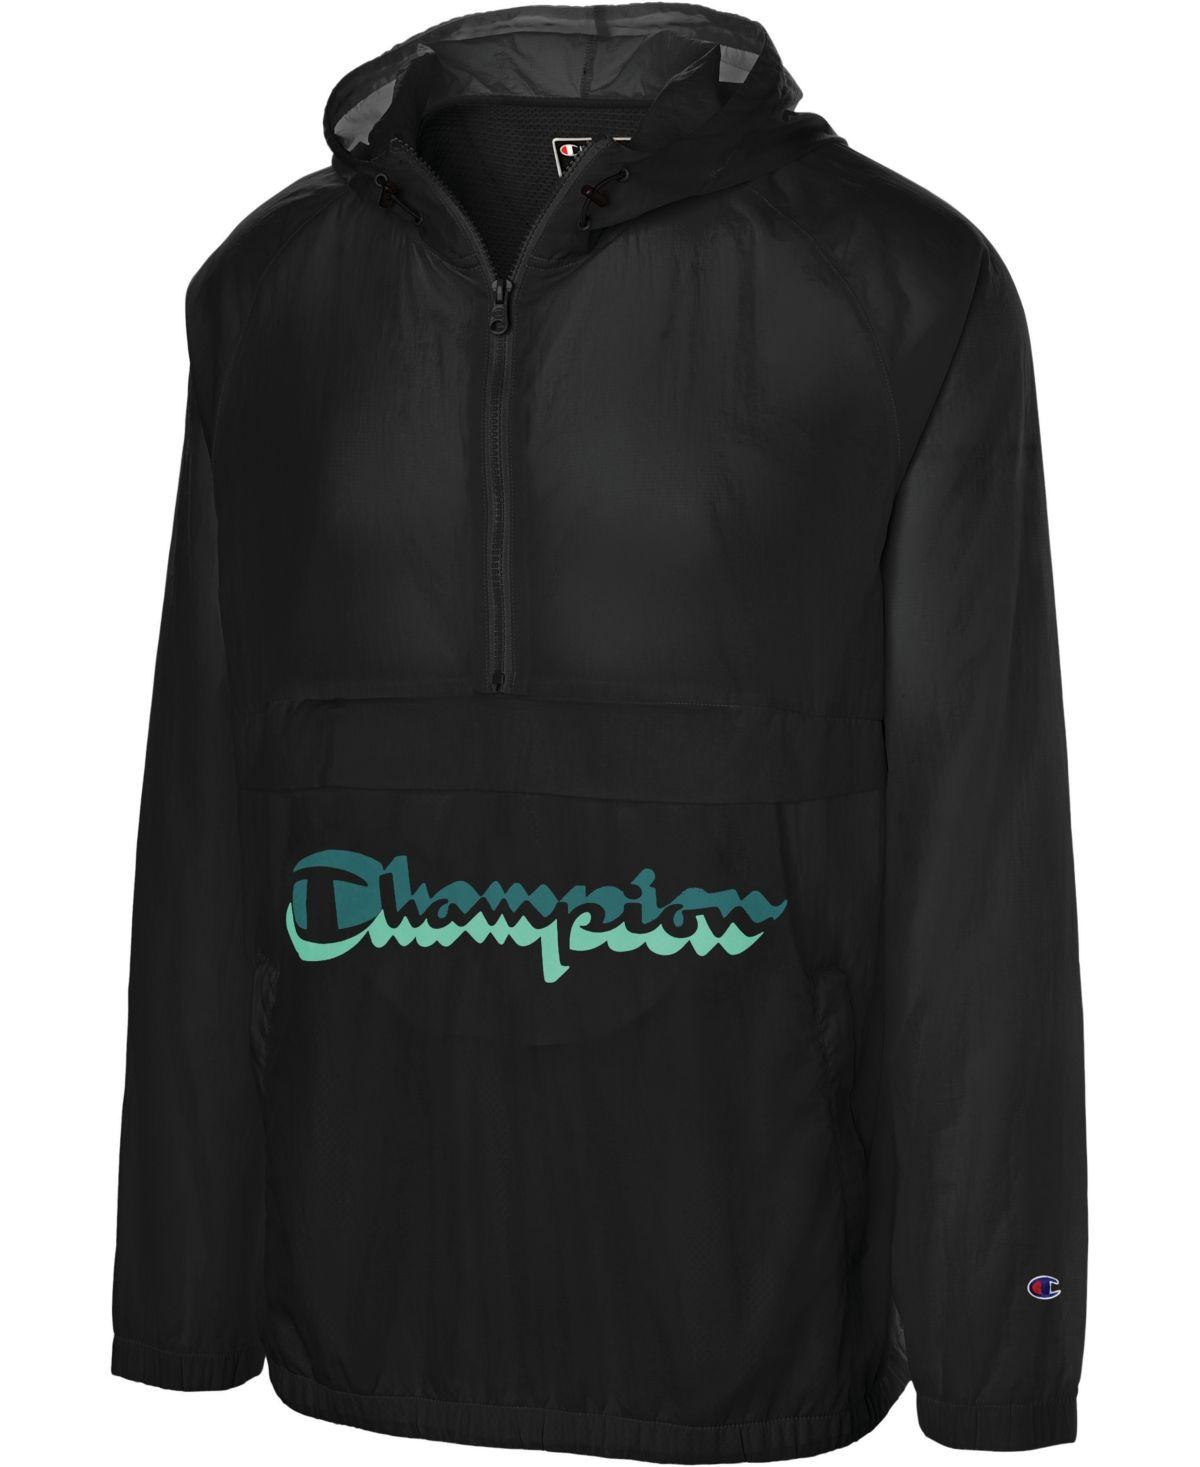 Champion Men S C Life Half Zip Hooded Jacket Hooded Jacket Jackets Leather Jacket